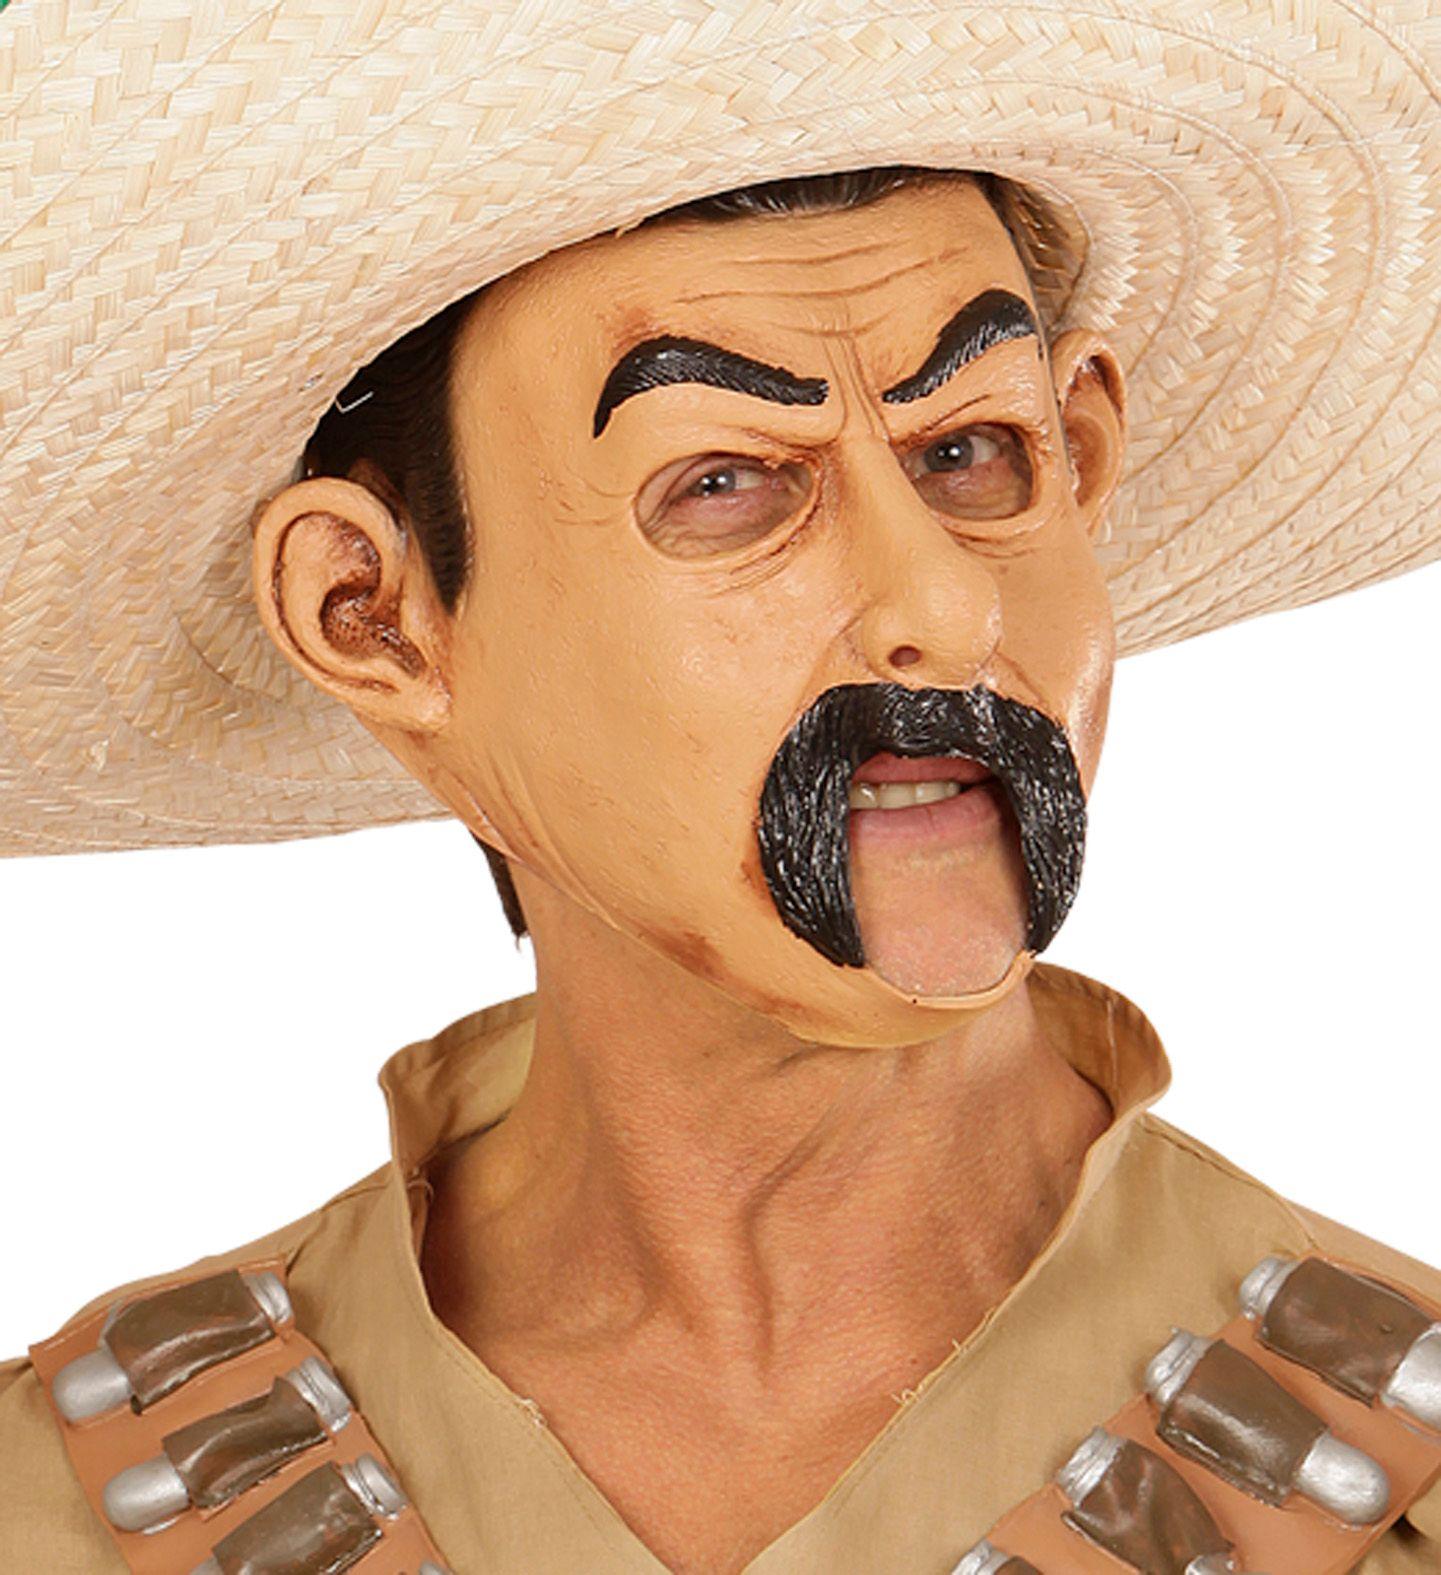 Mexicaan masker met open mond